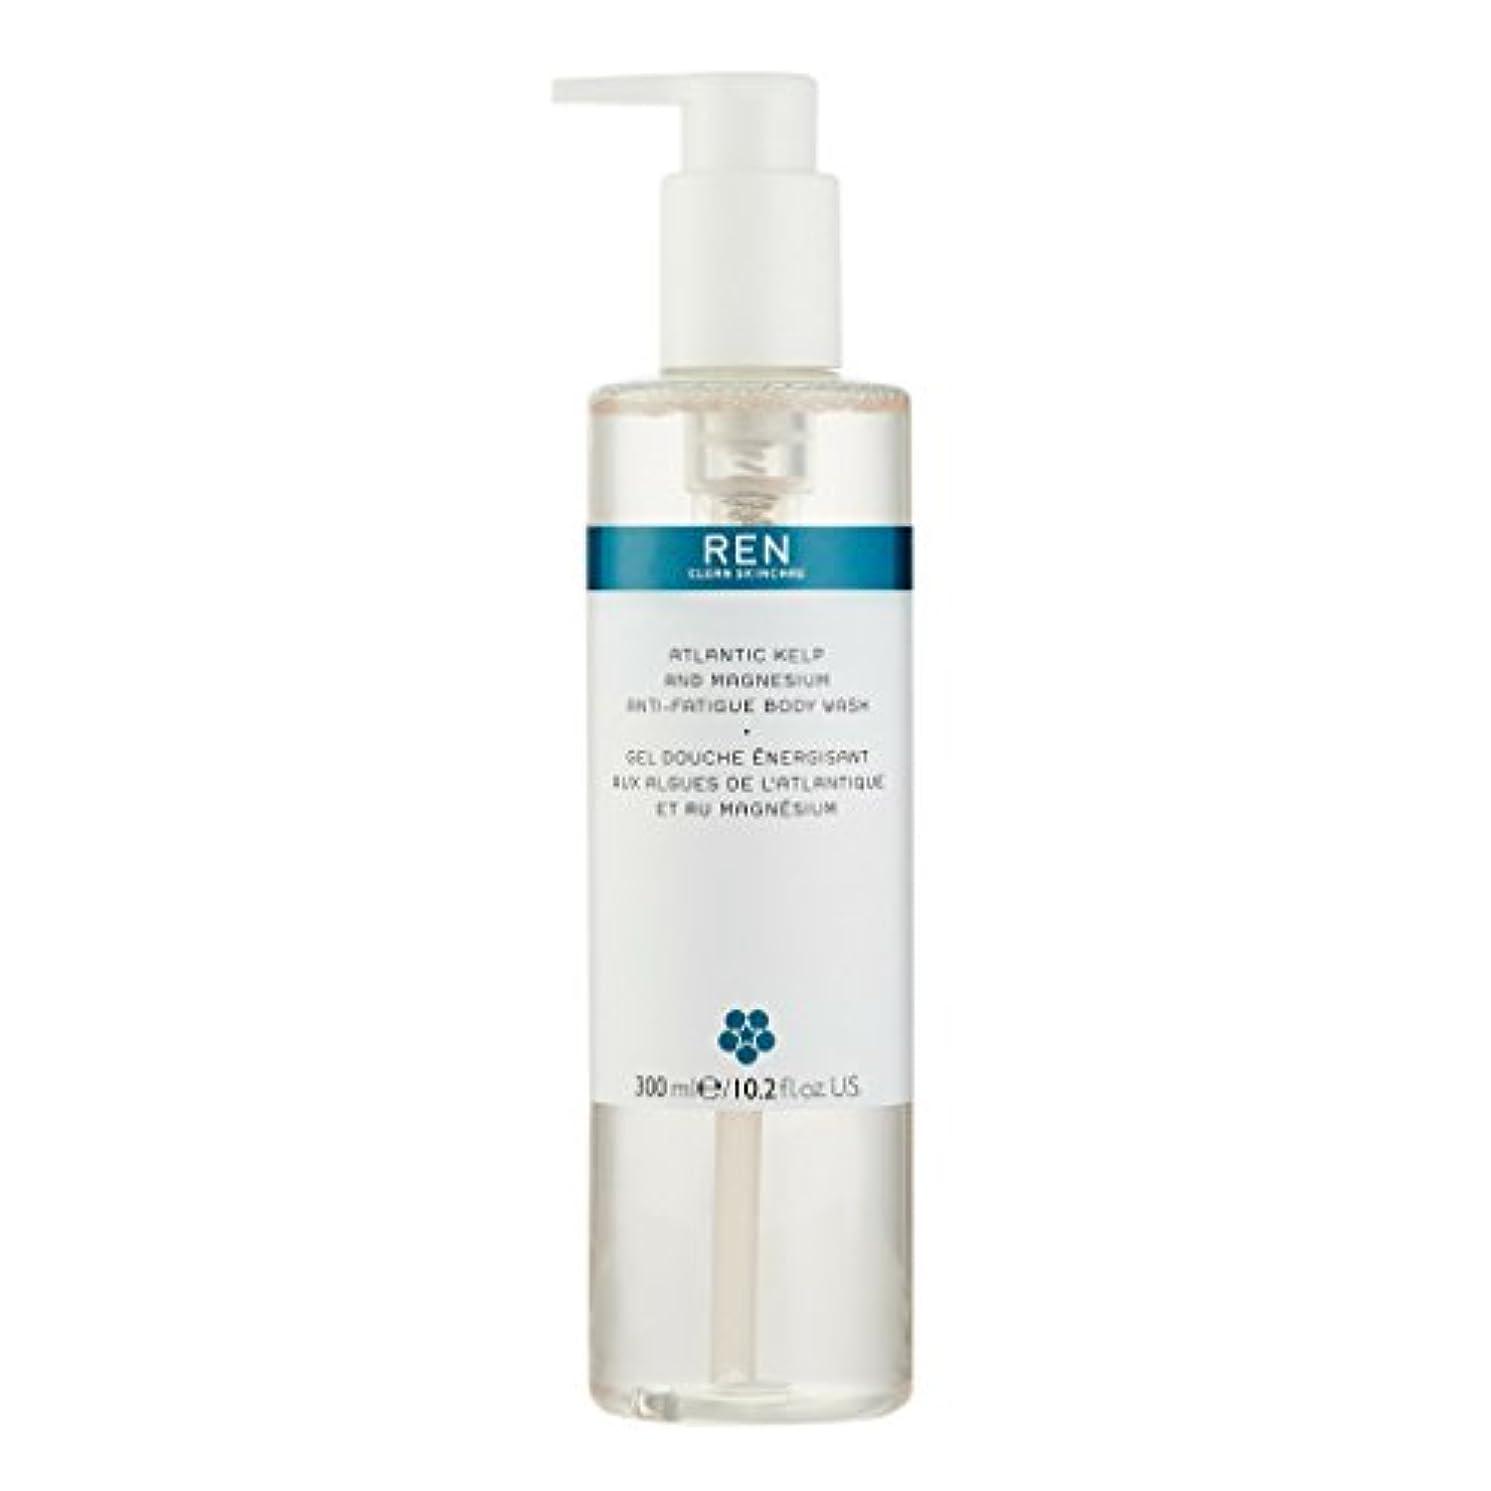 以上トーン警告REN - Atlantic Kelp And Magnesium Anti-Fatigue Body Wash